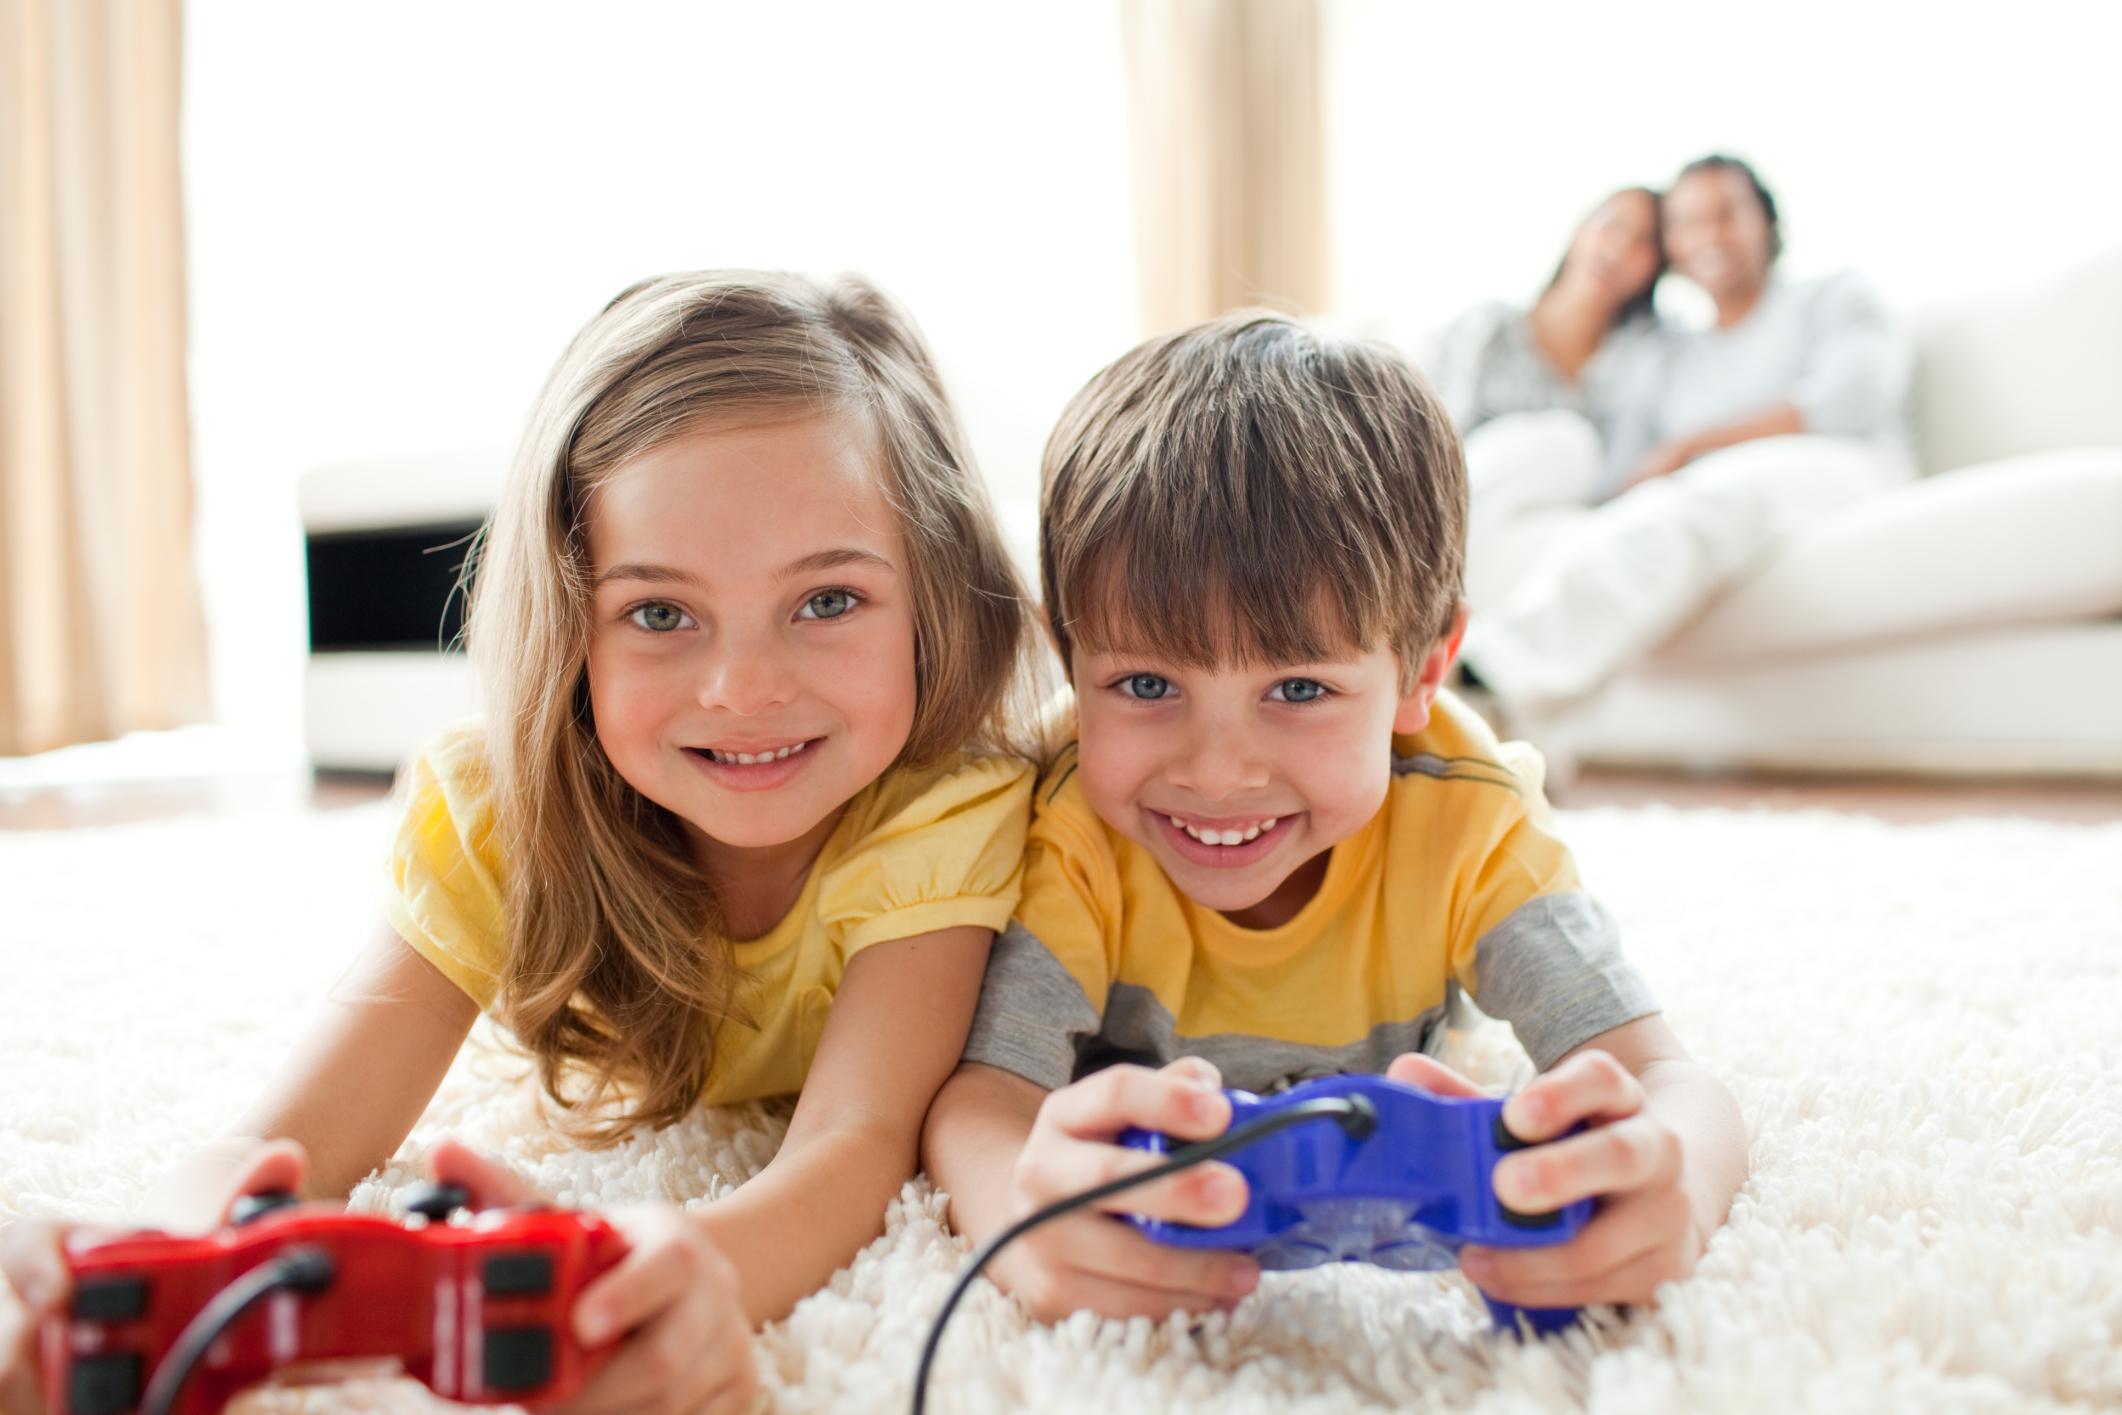 положительное влияние компьютерных игр на детей